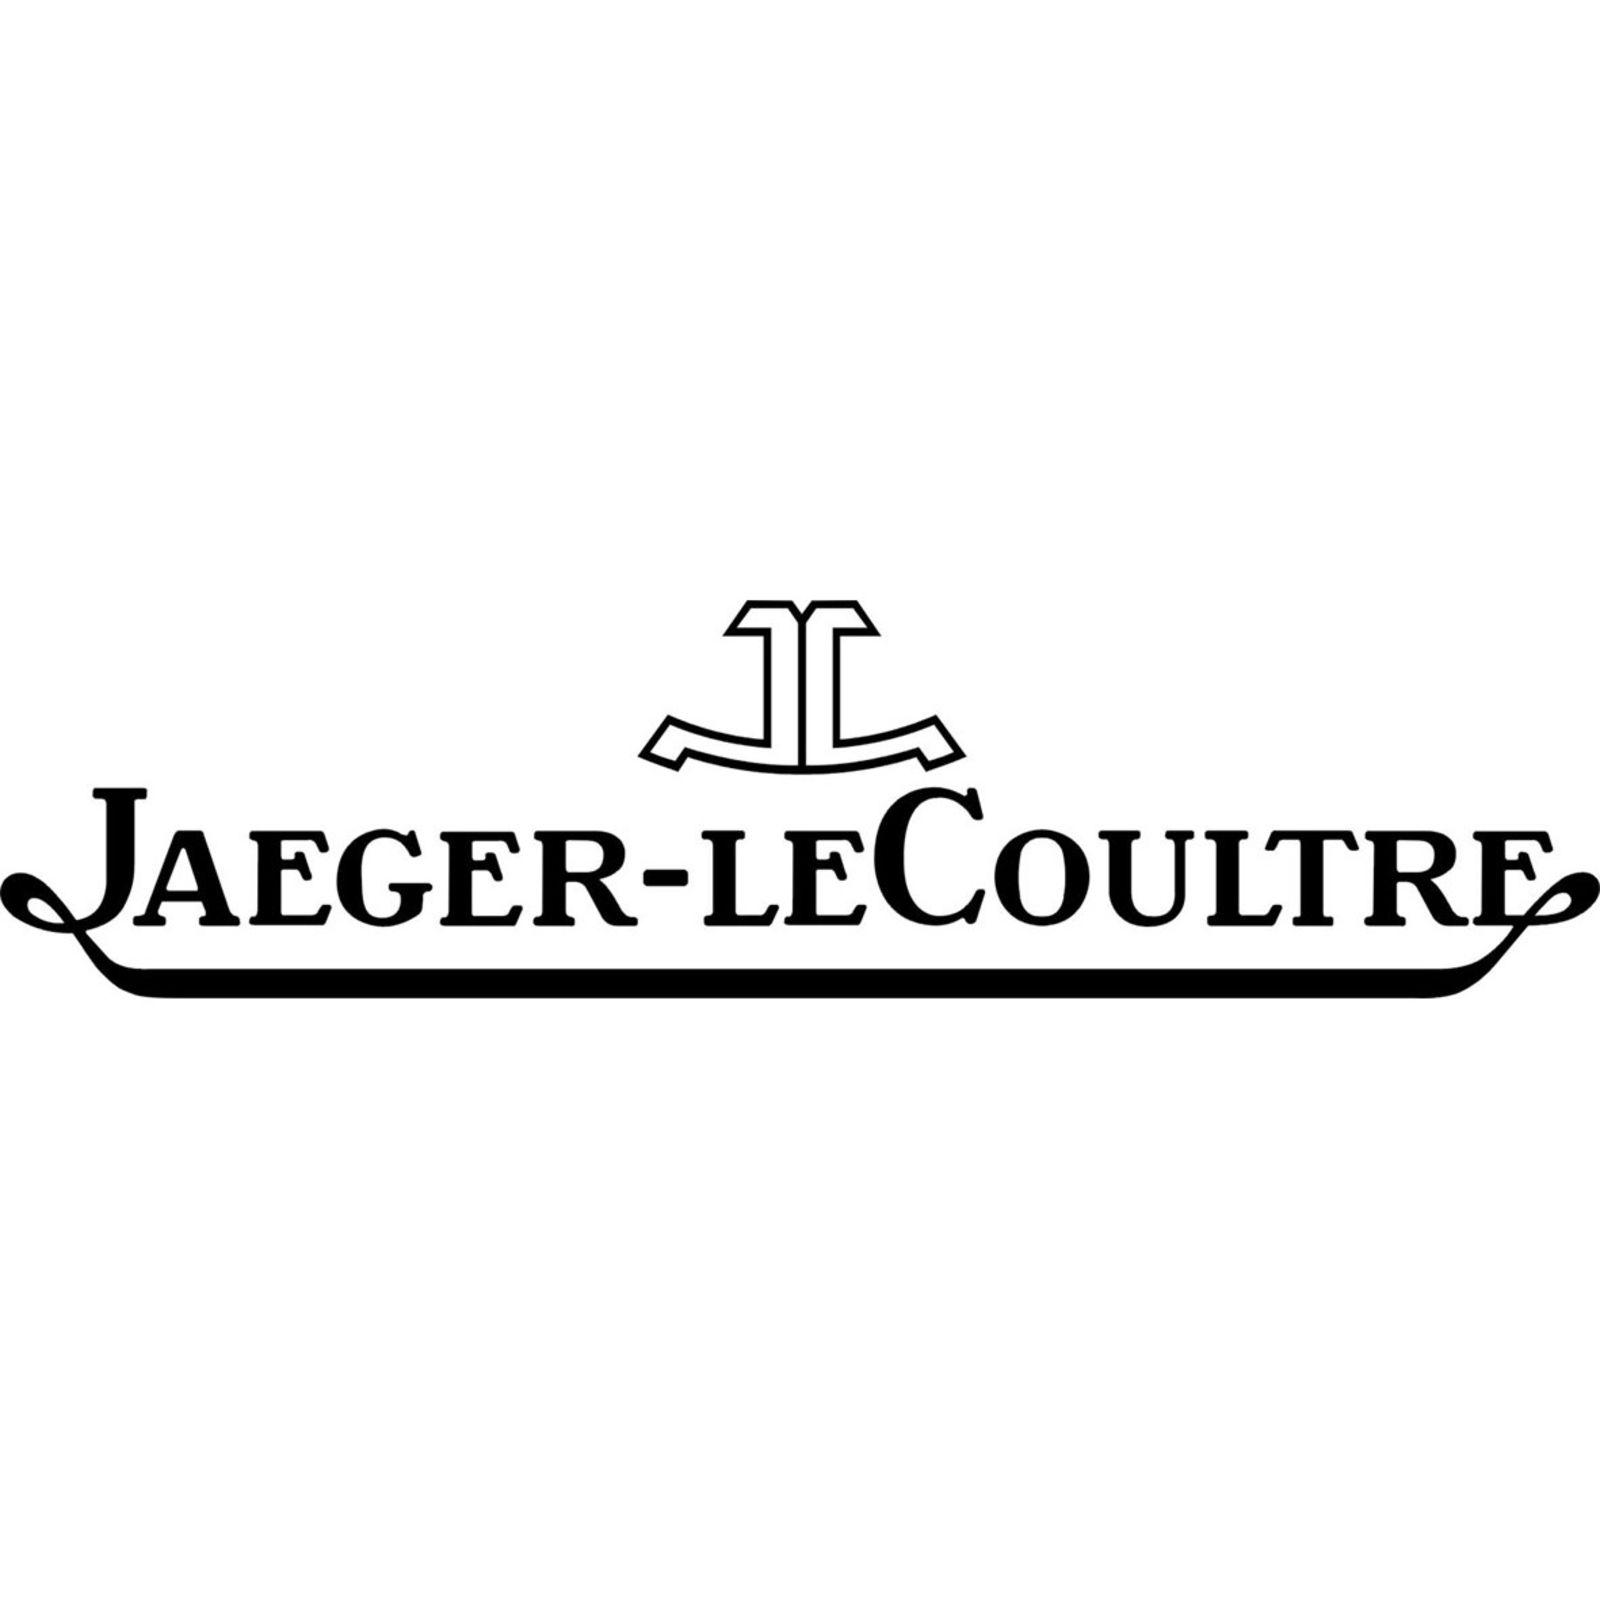 JAEGER-LE COULTRE (Изображение 1)